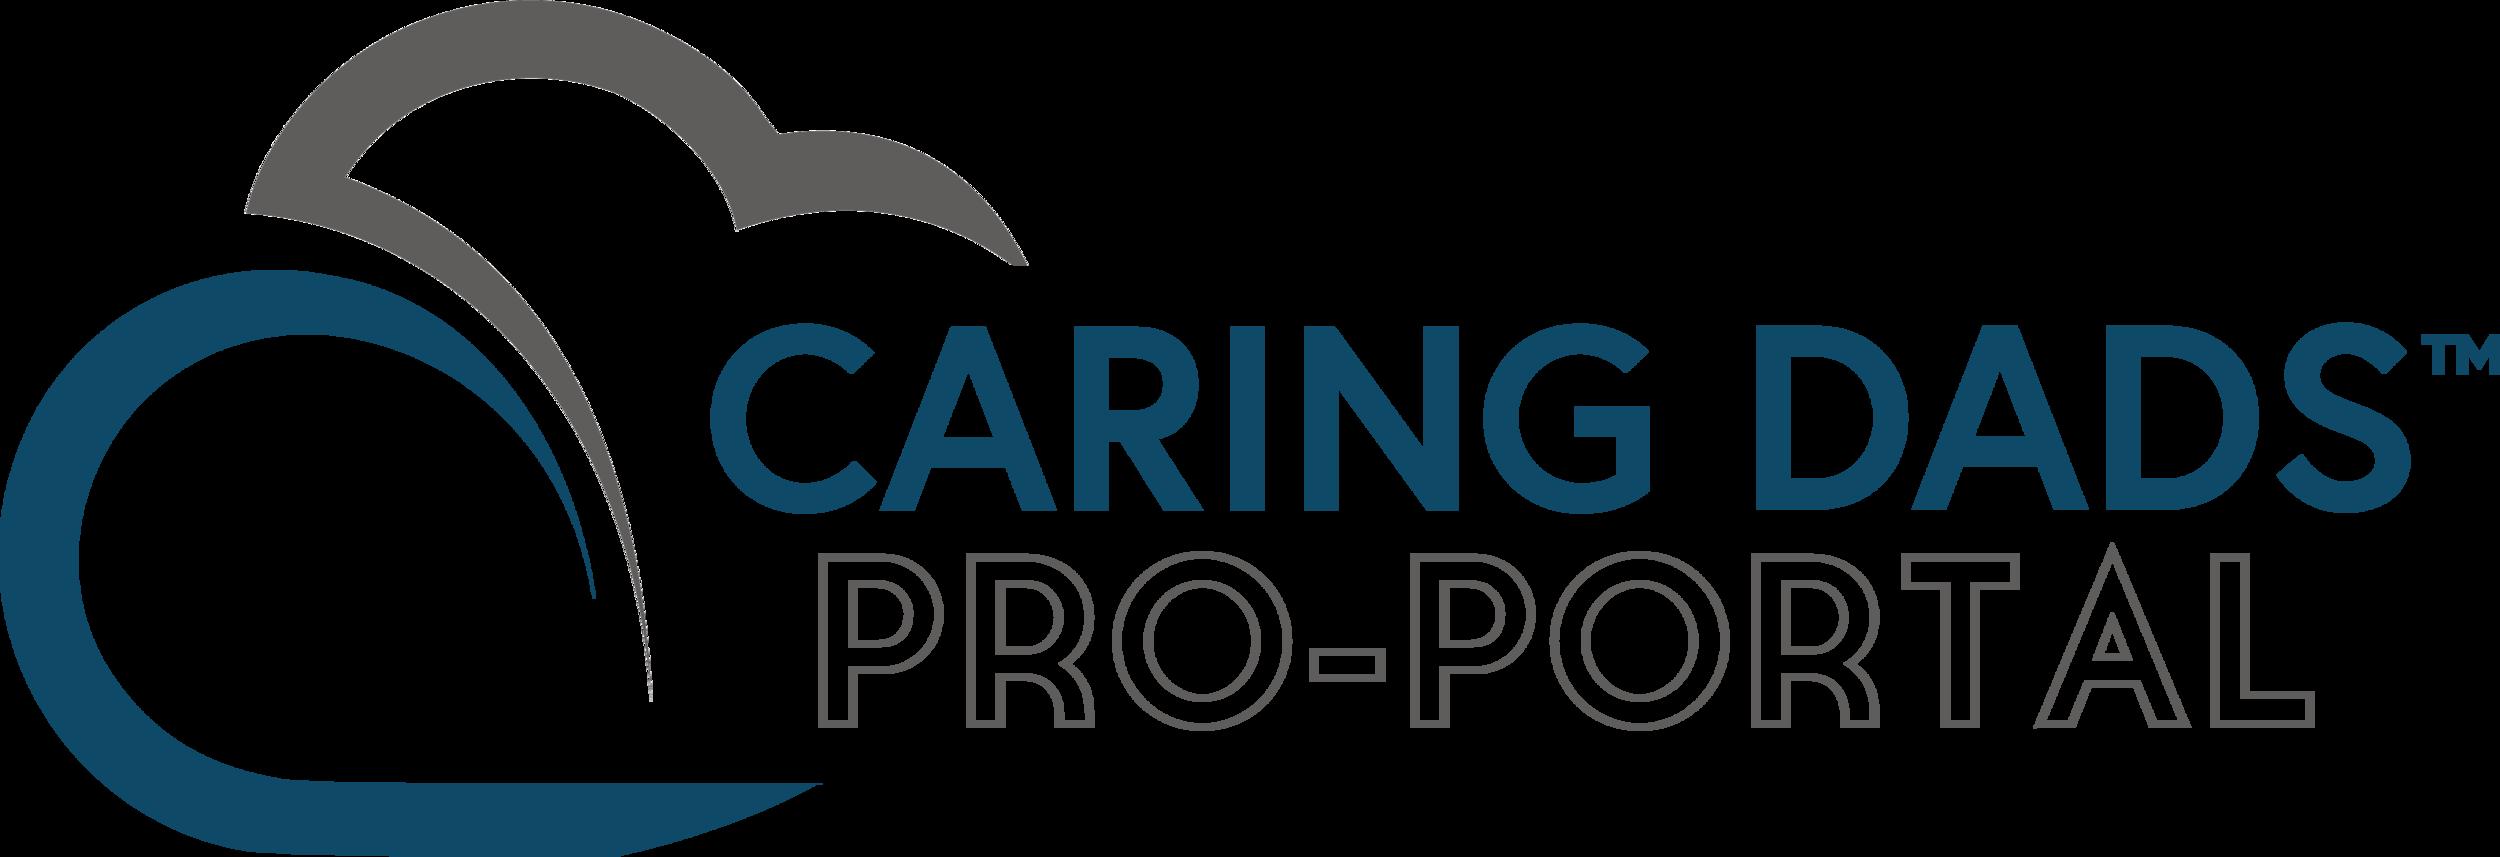 ProPortal Logo.png